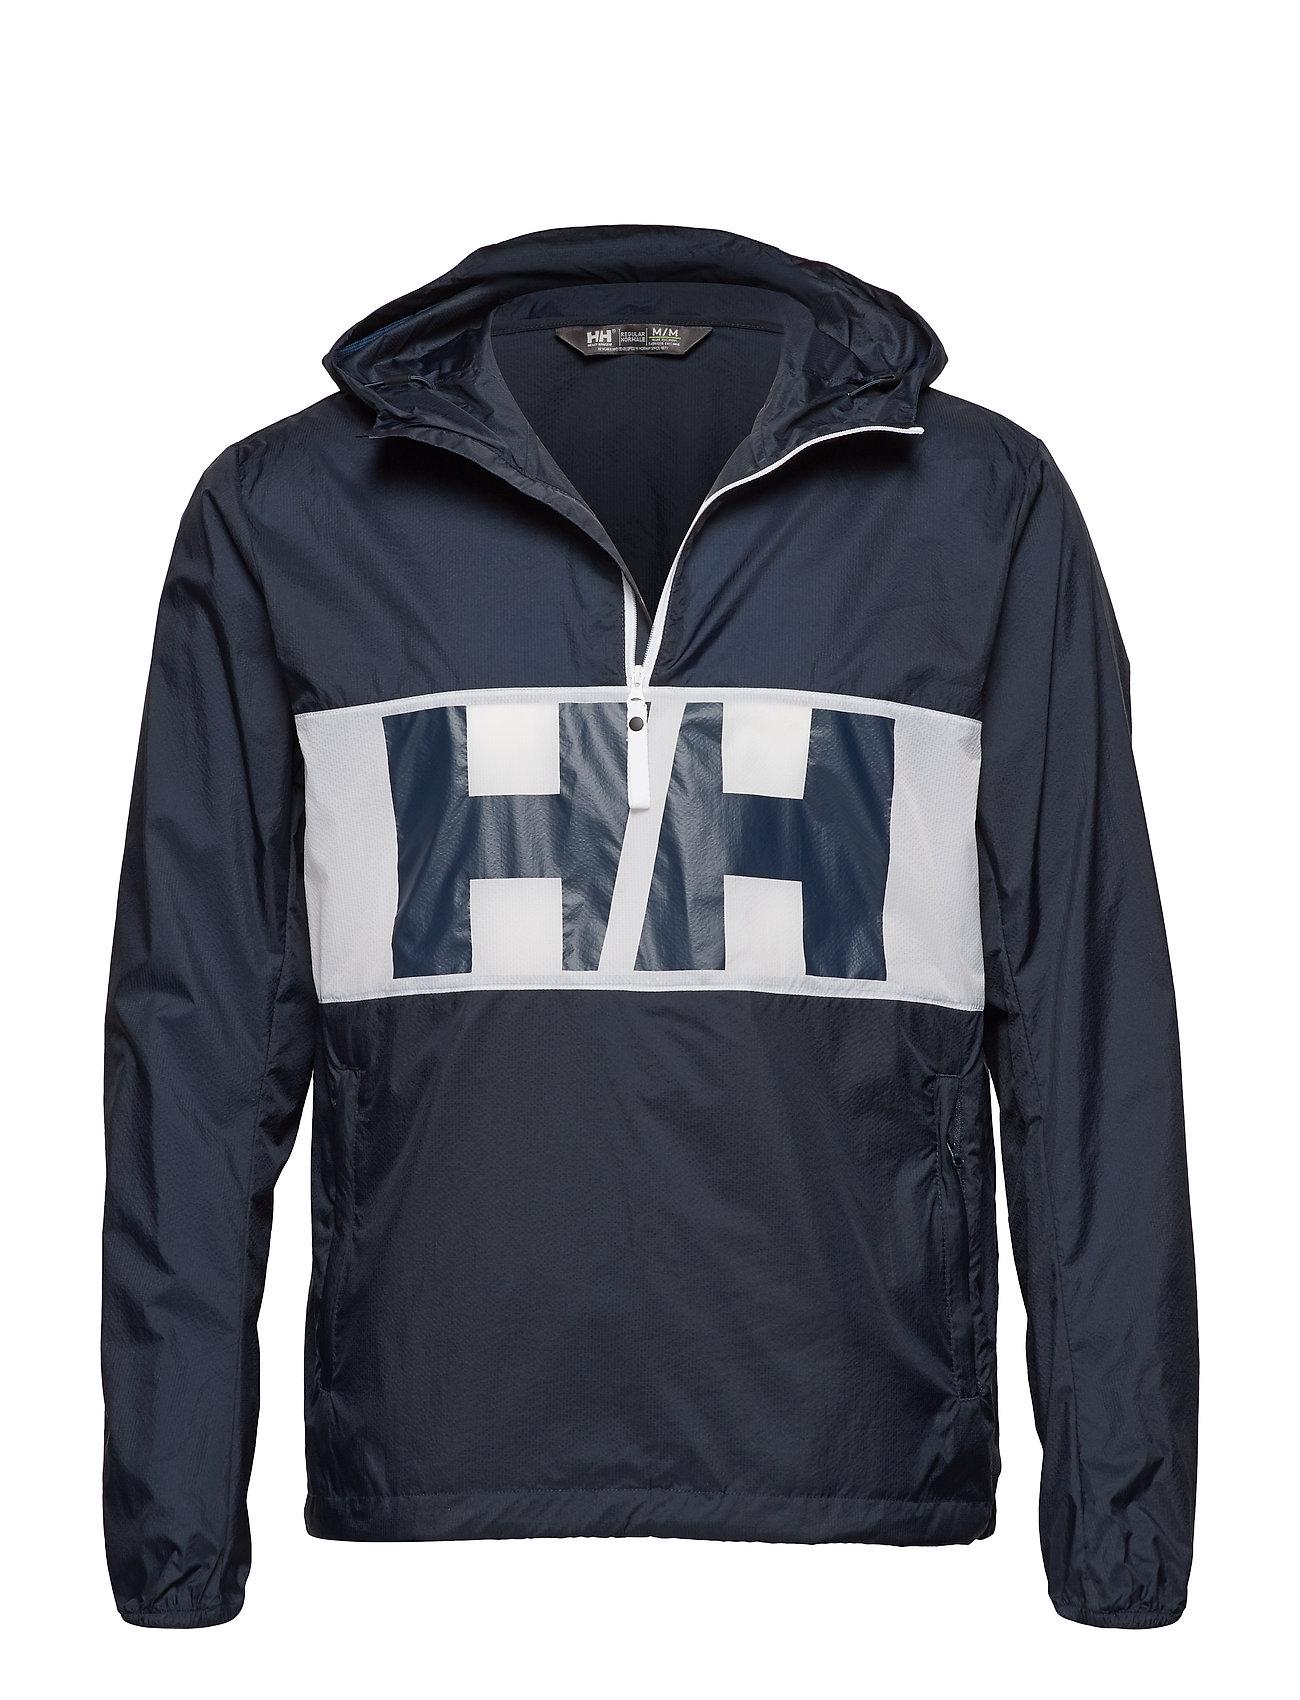 cdd14f69 Helly Hansen parkaer – Active Windbreaker Anorak til herre i Blå ...